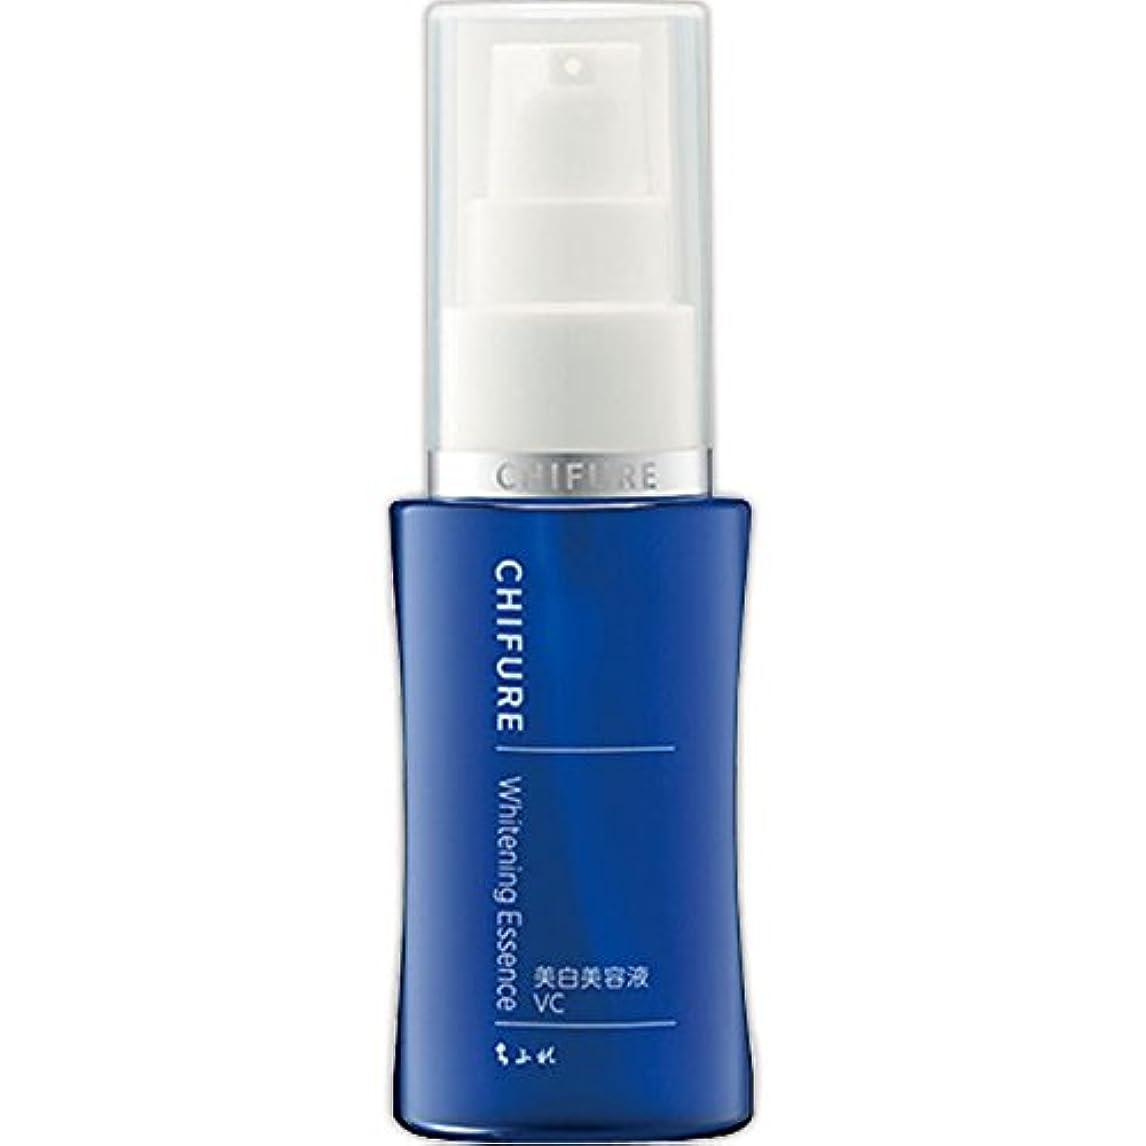 期待するひらめきゾーンちふれ化粧品 美白美容液 VC 30ML (医薬部外品)